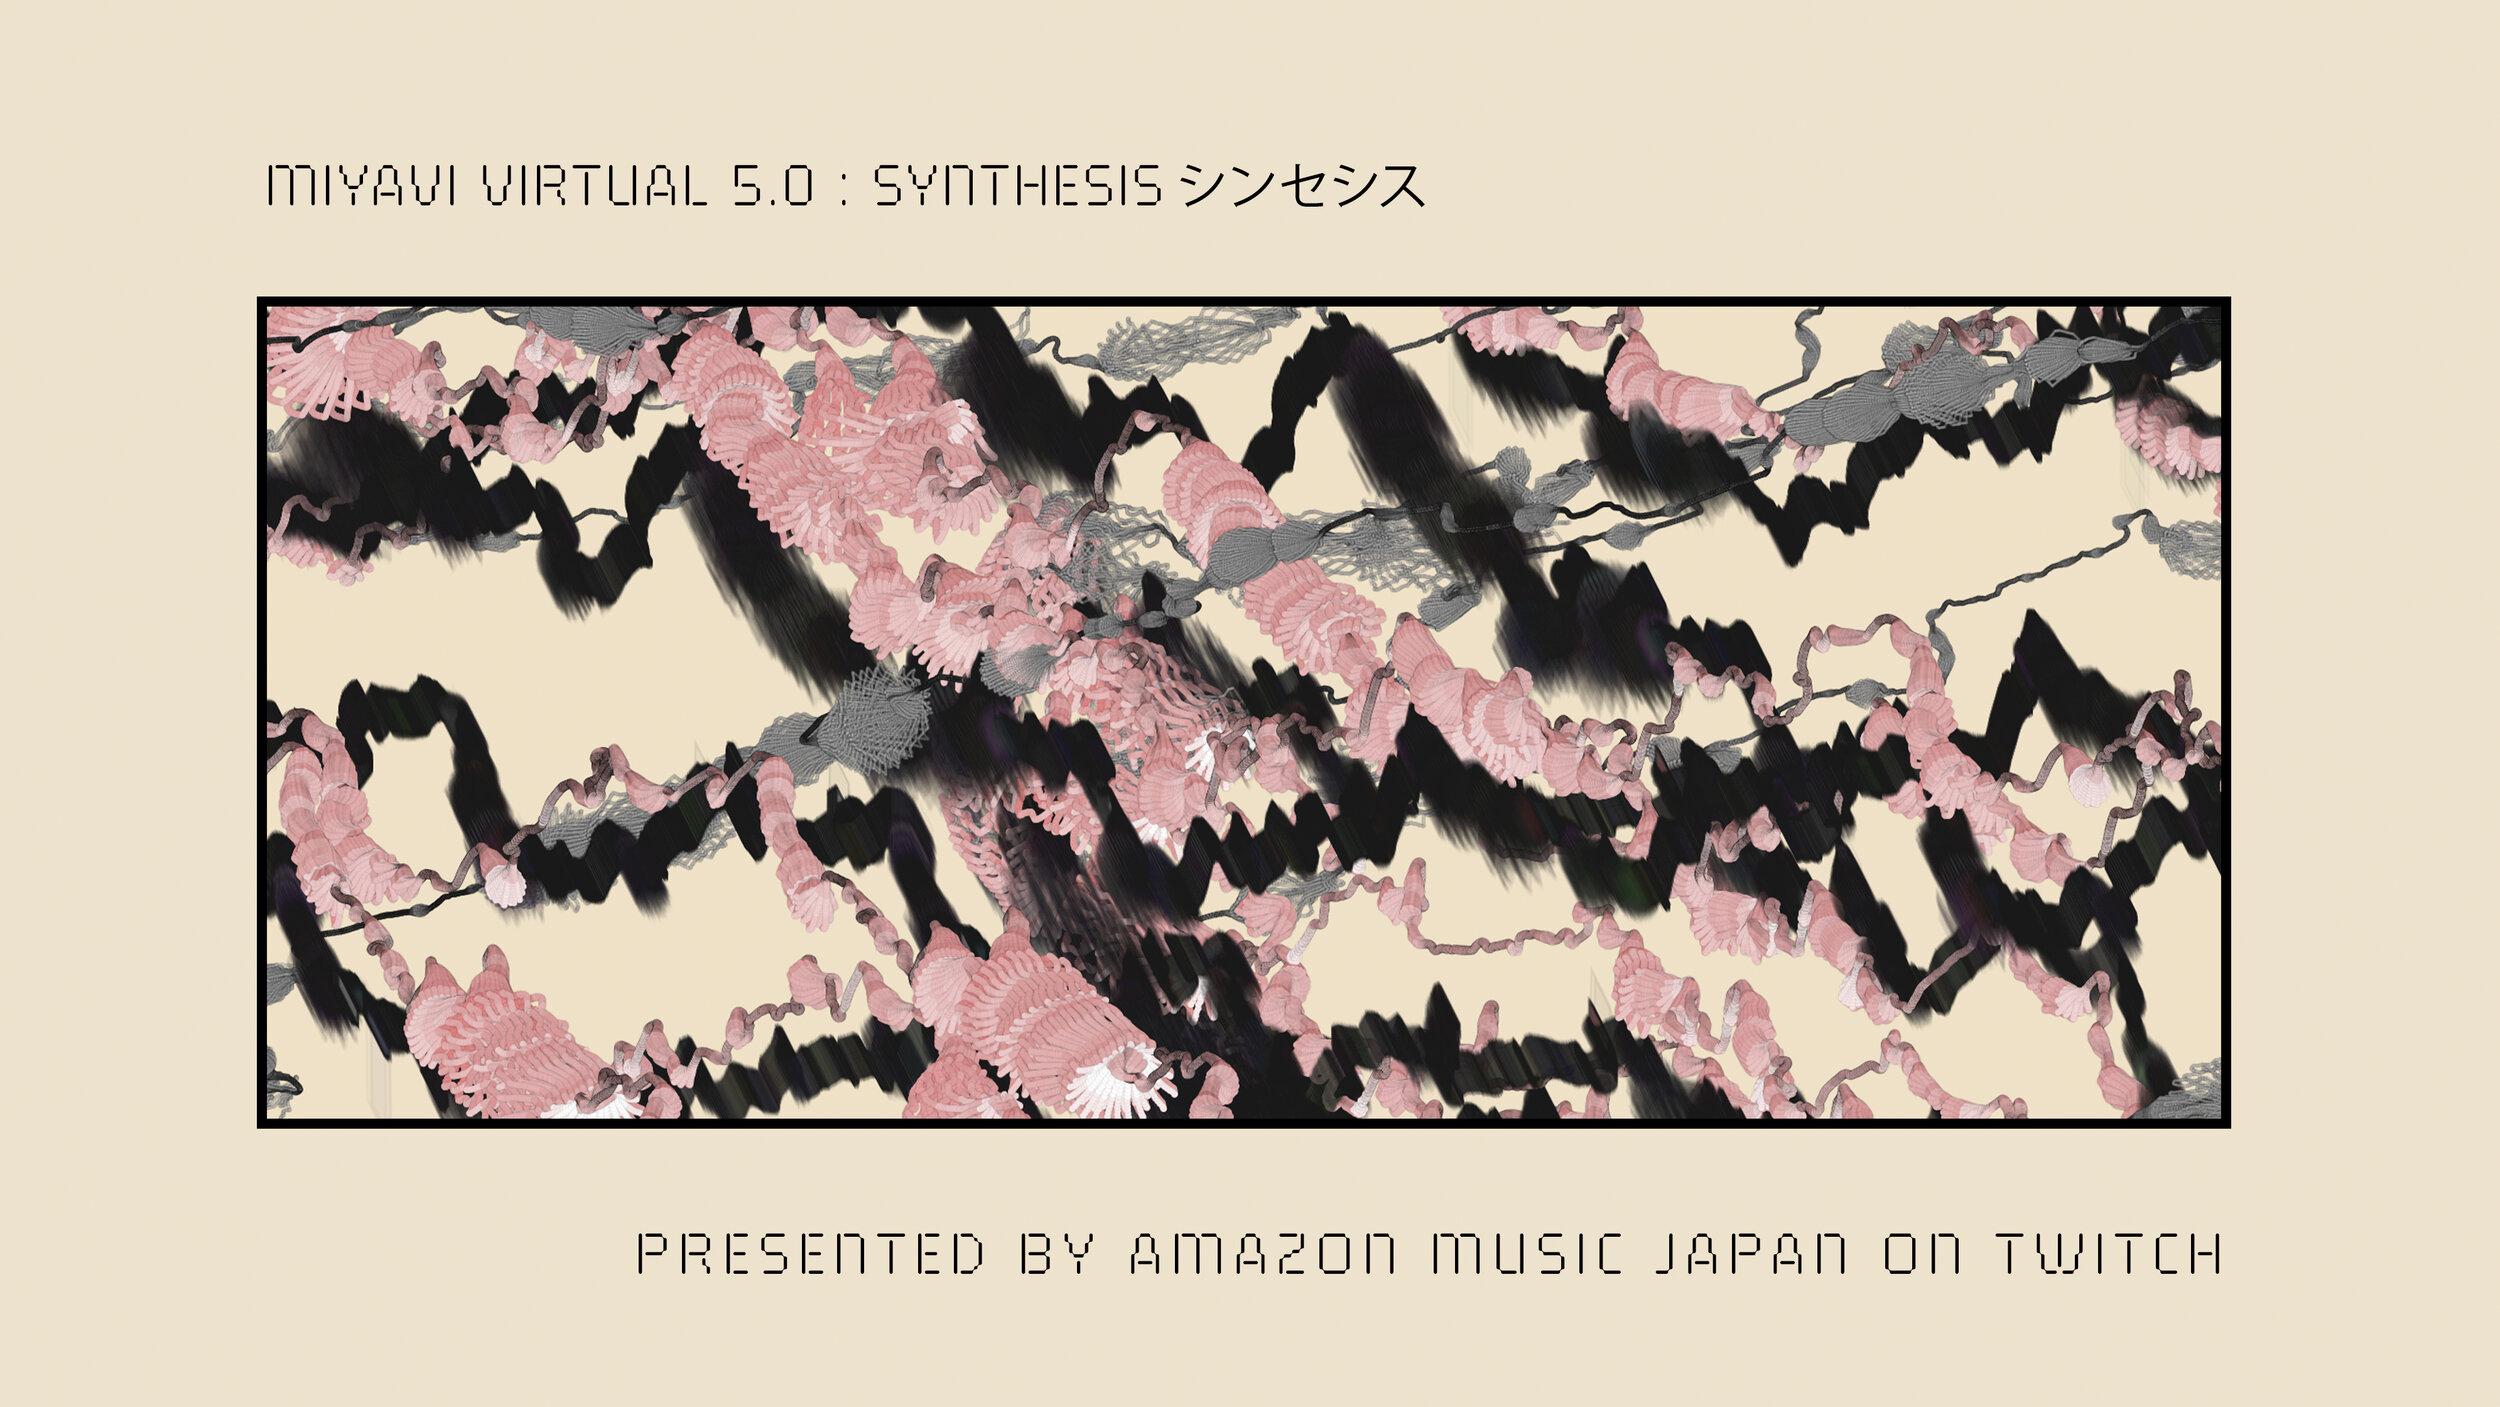 miyavi_synthesis_9